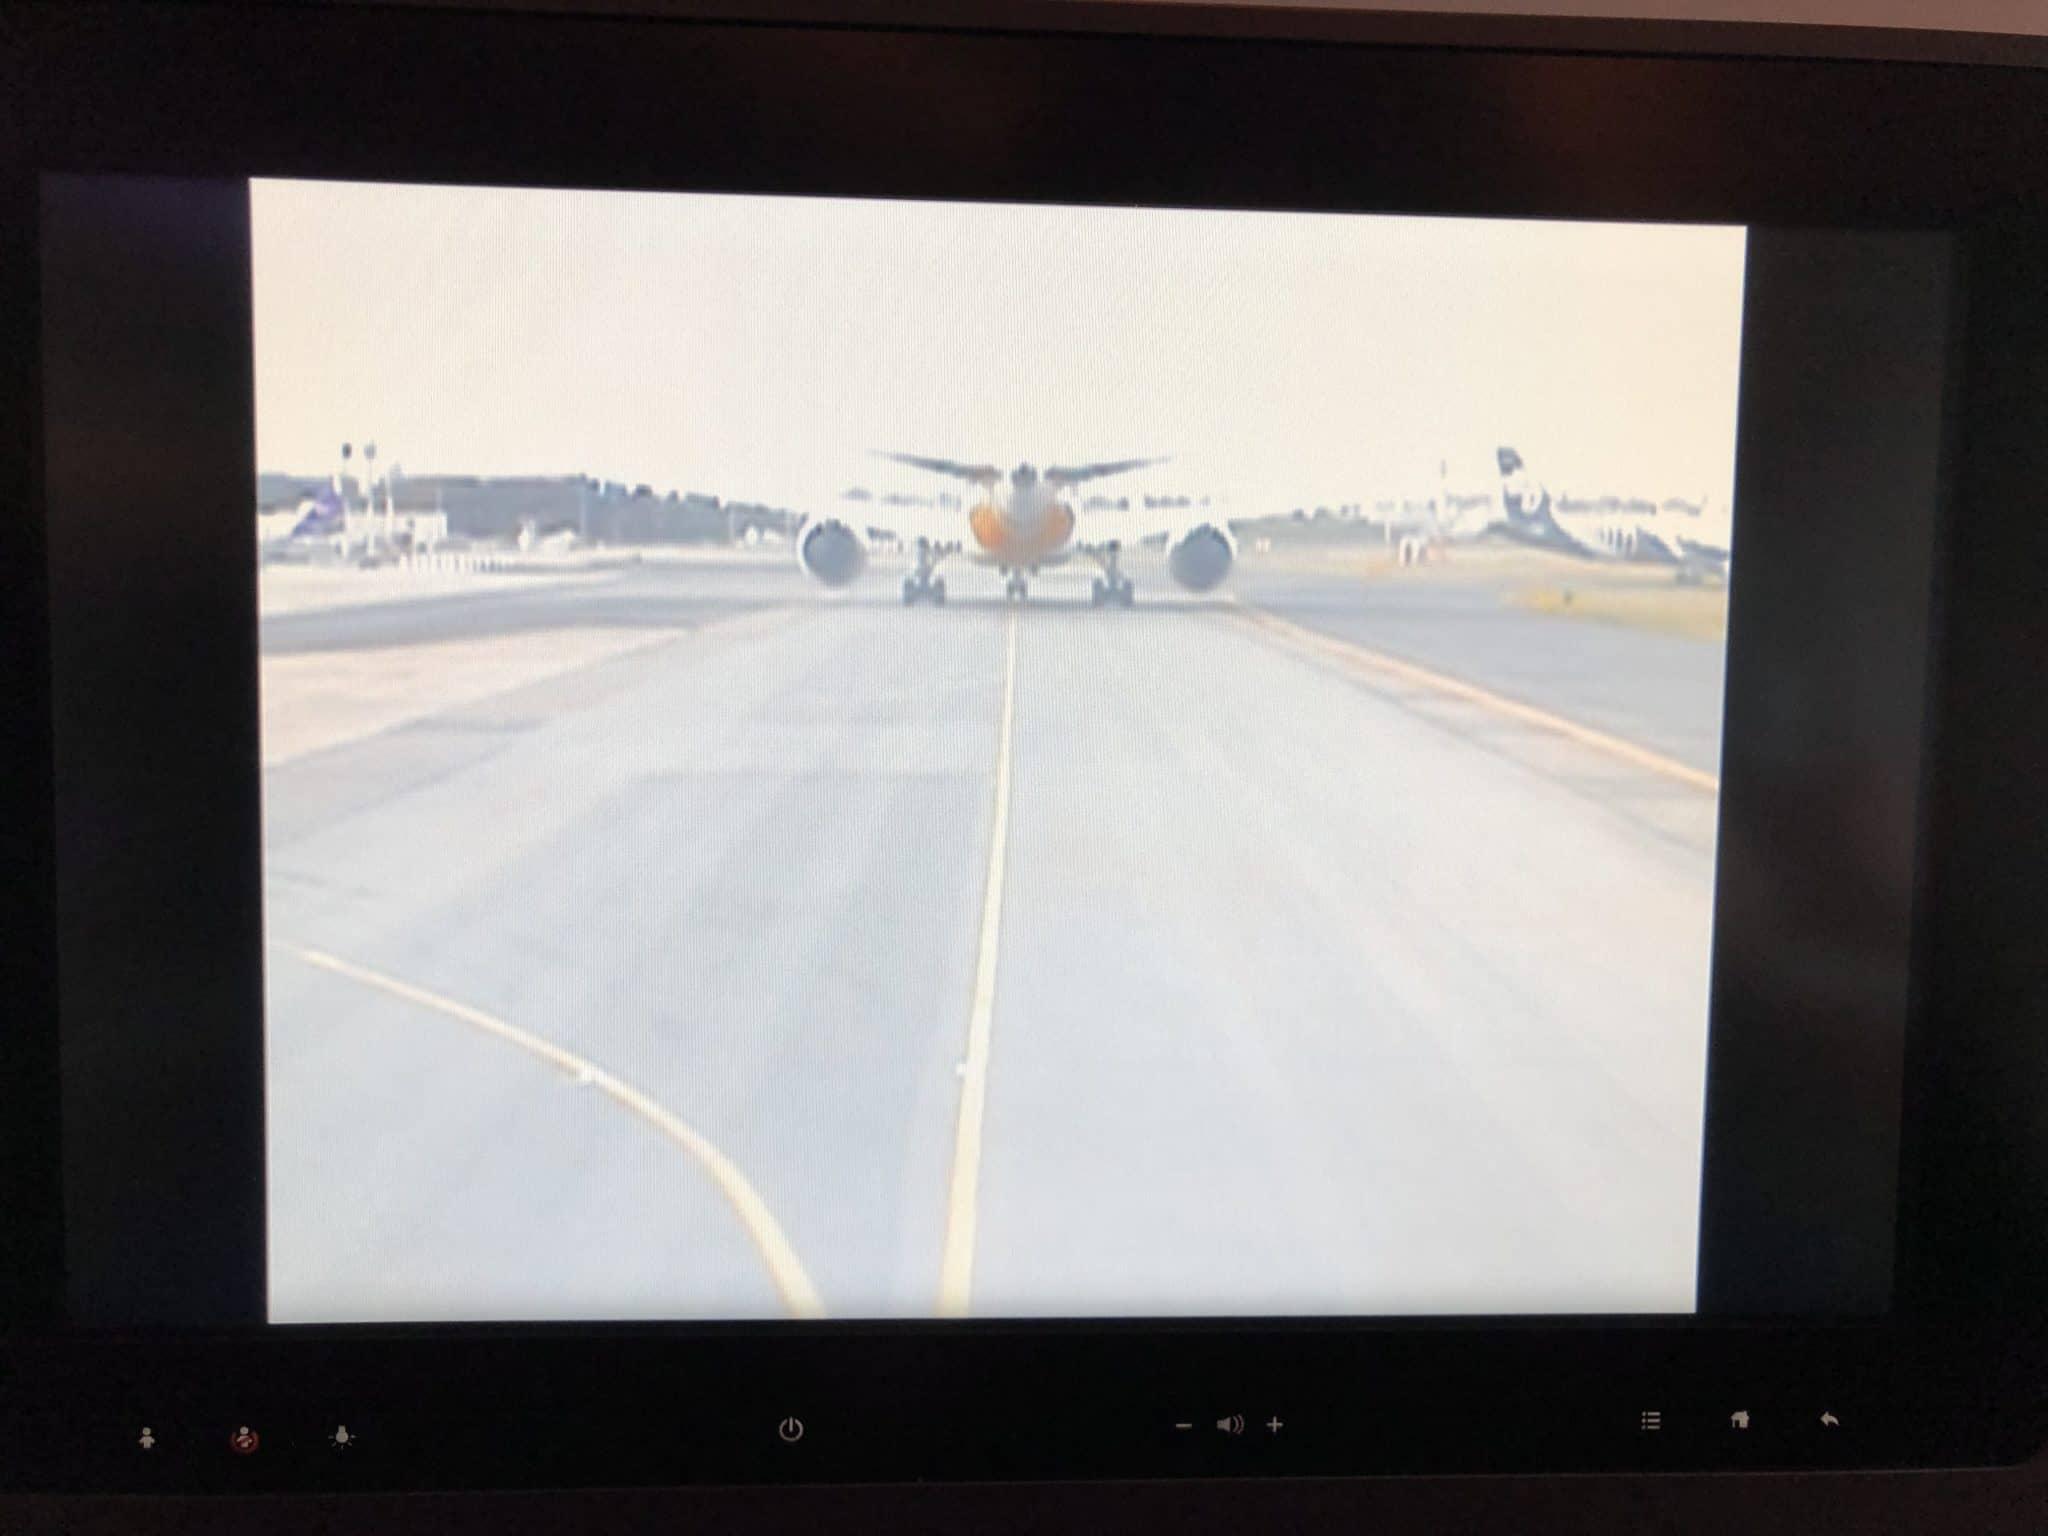 Qatar Airways Business Class A380 Vorderkamera